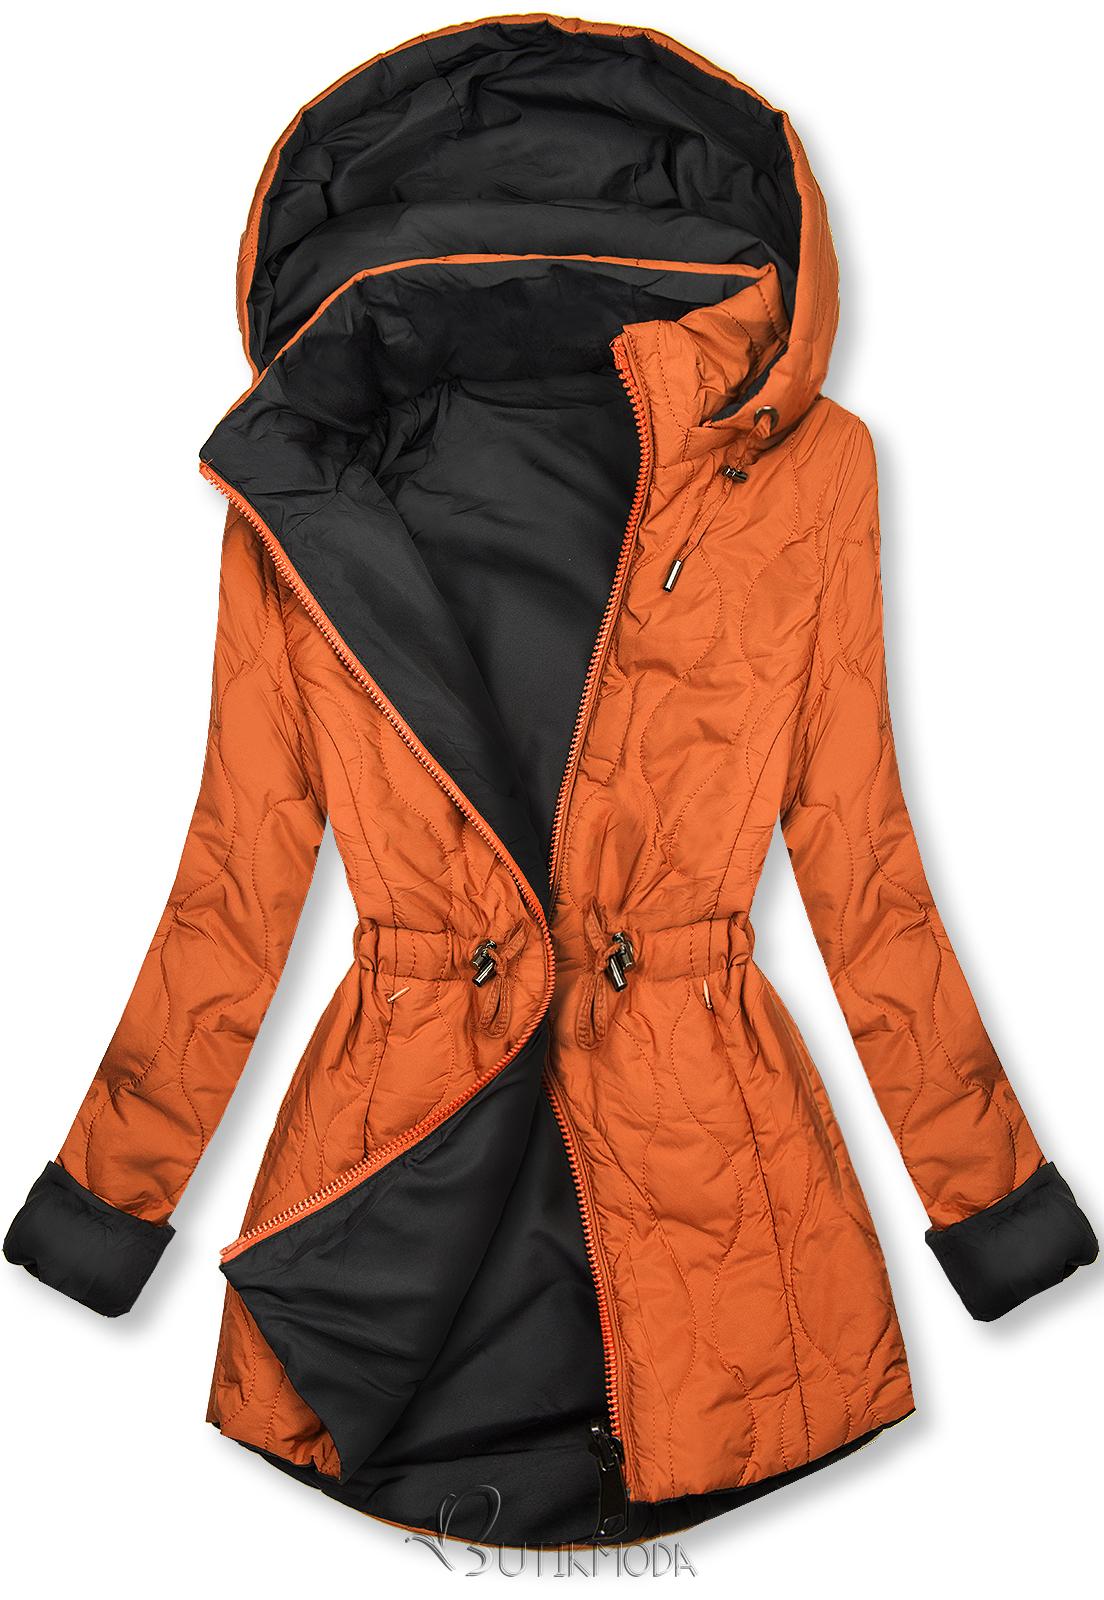 Parka de toamnă matlasată portocaliu/negru